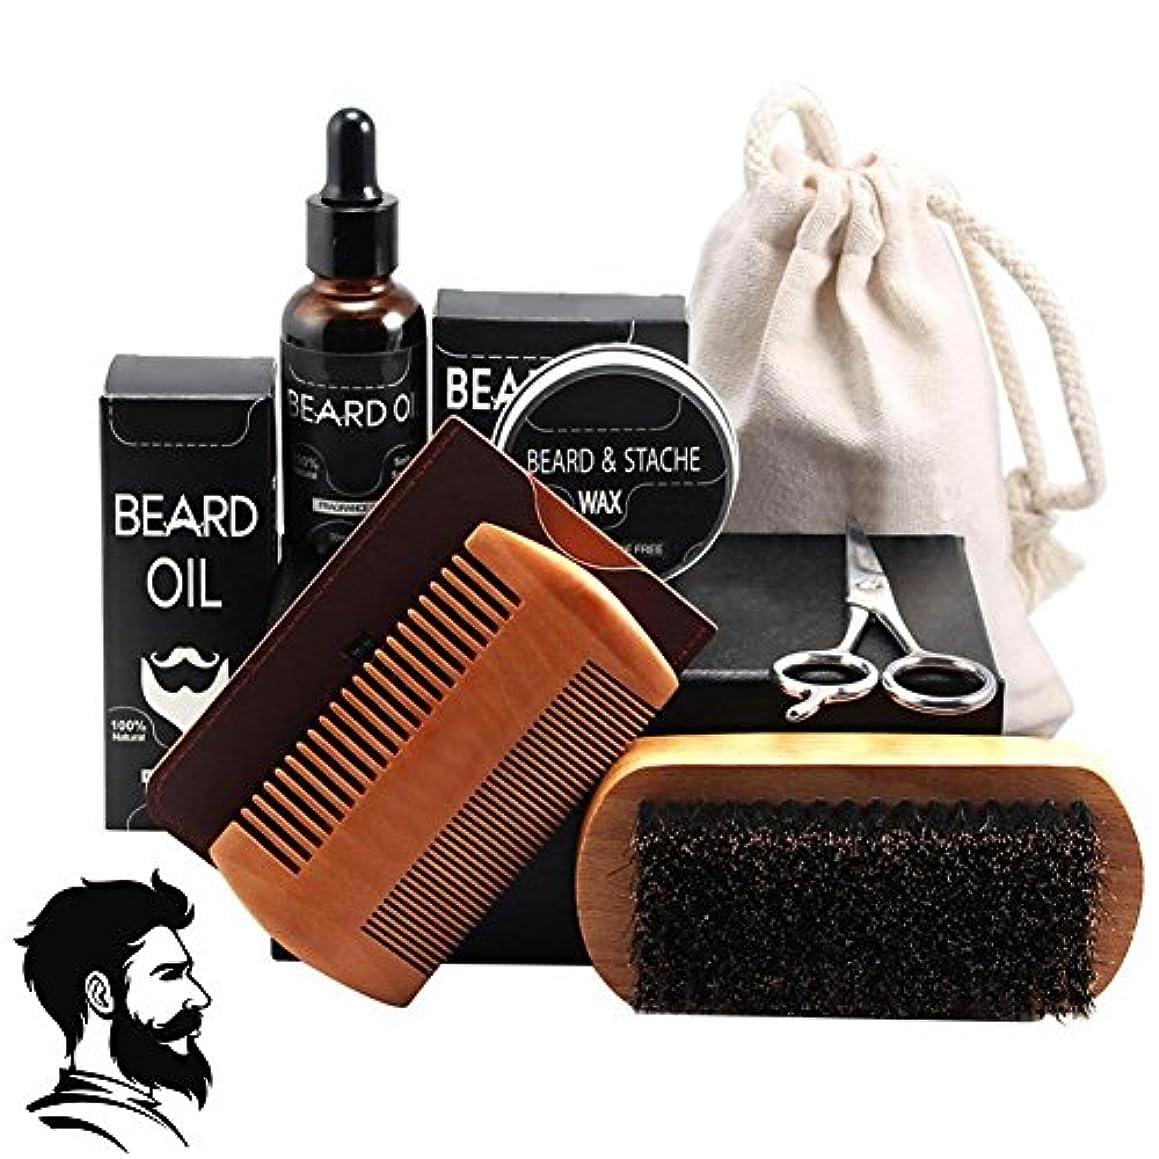 顔料上記の頭と肩肝あごひげ油、男性の口ひげフルセットヘアケアツール(ひげワックスくし付き)(7PCSのパック)用シェービングブラシプロフェッショナルフェイシャルトリミングハサミ